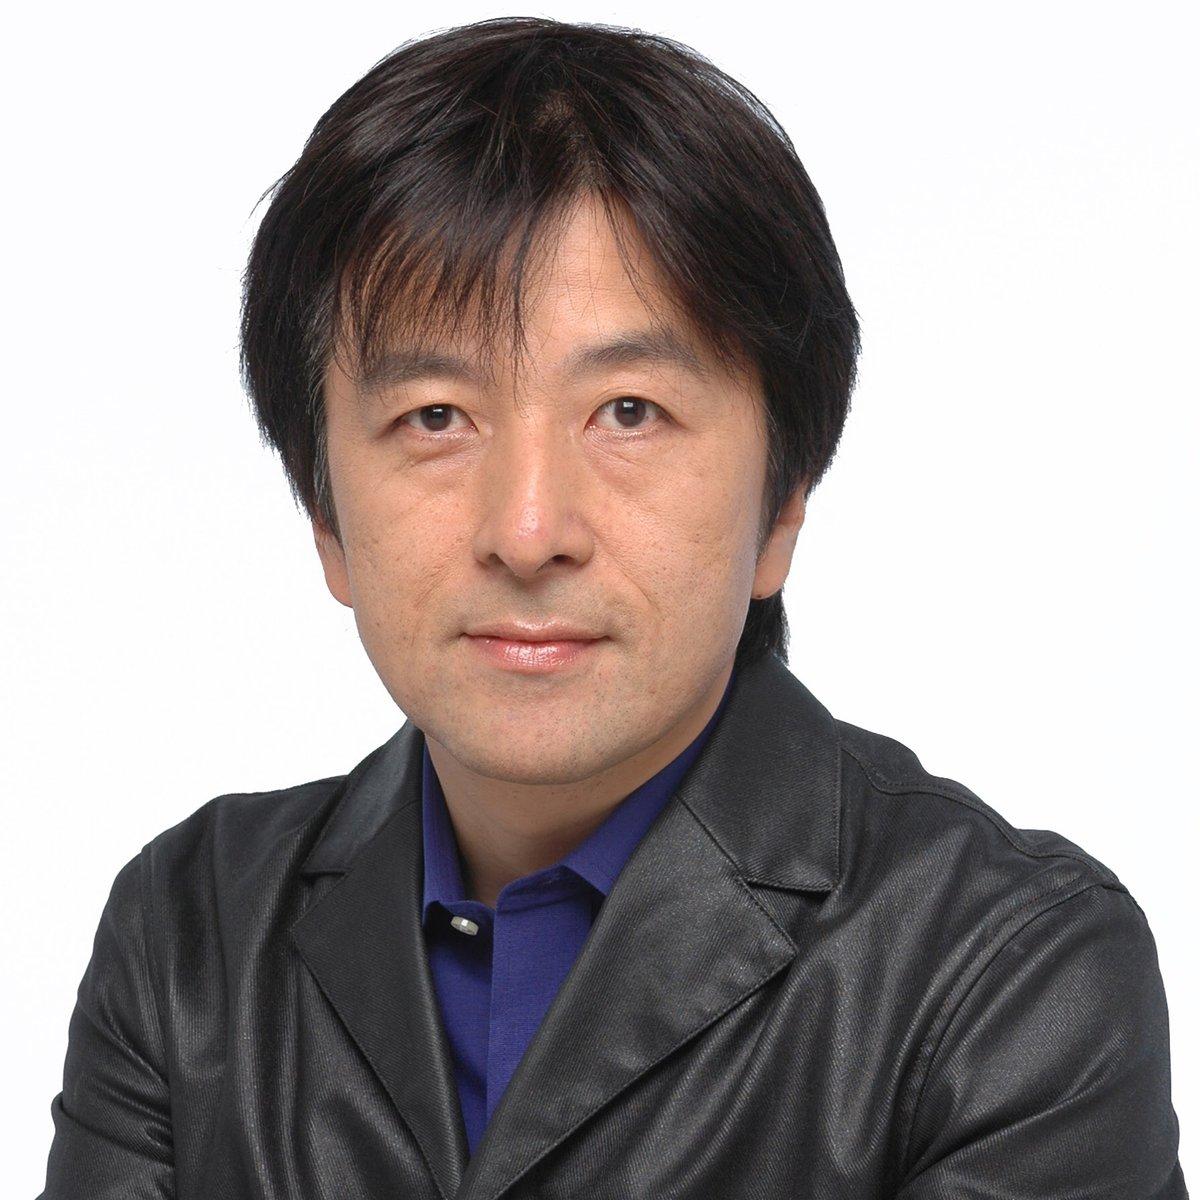 Hiroo Ohtaka